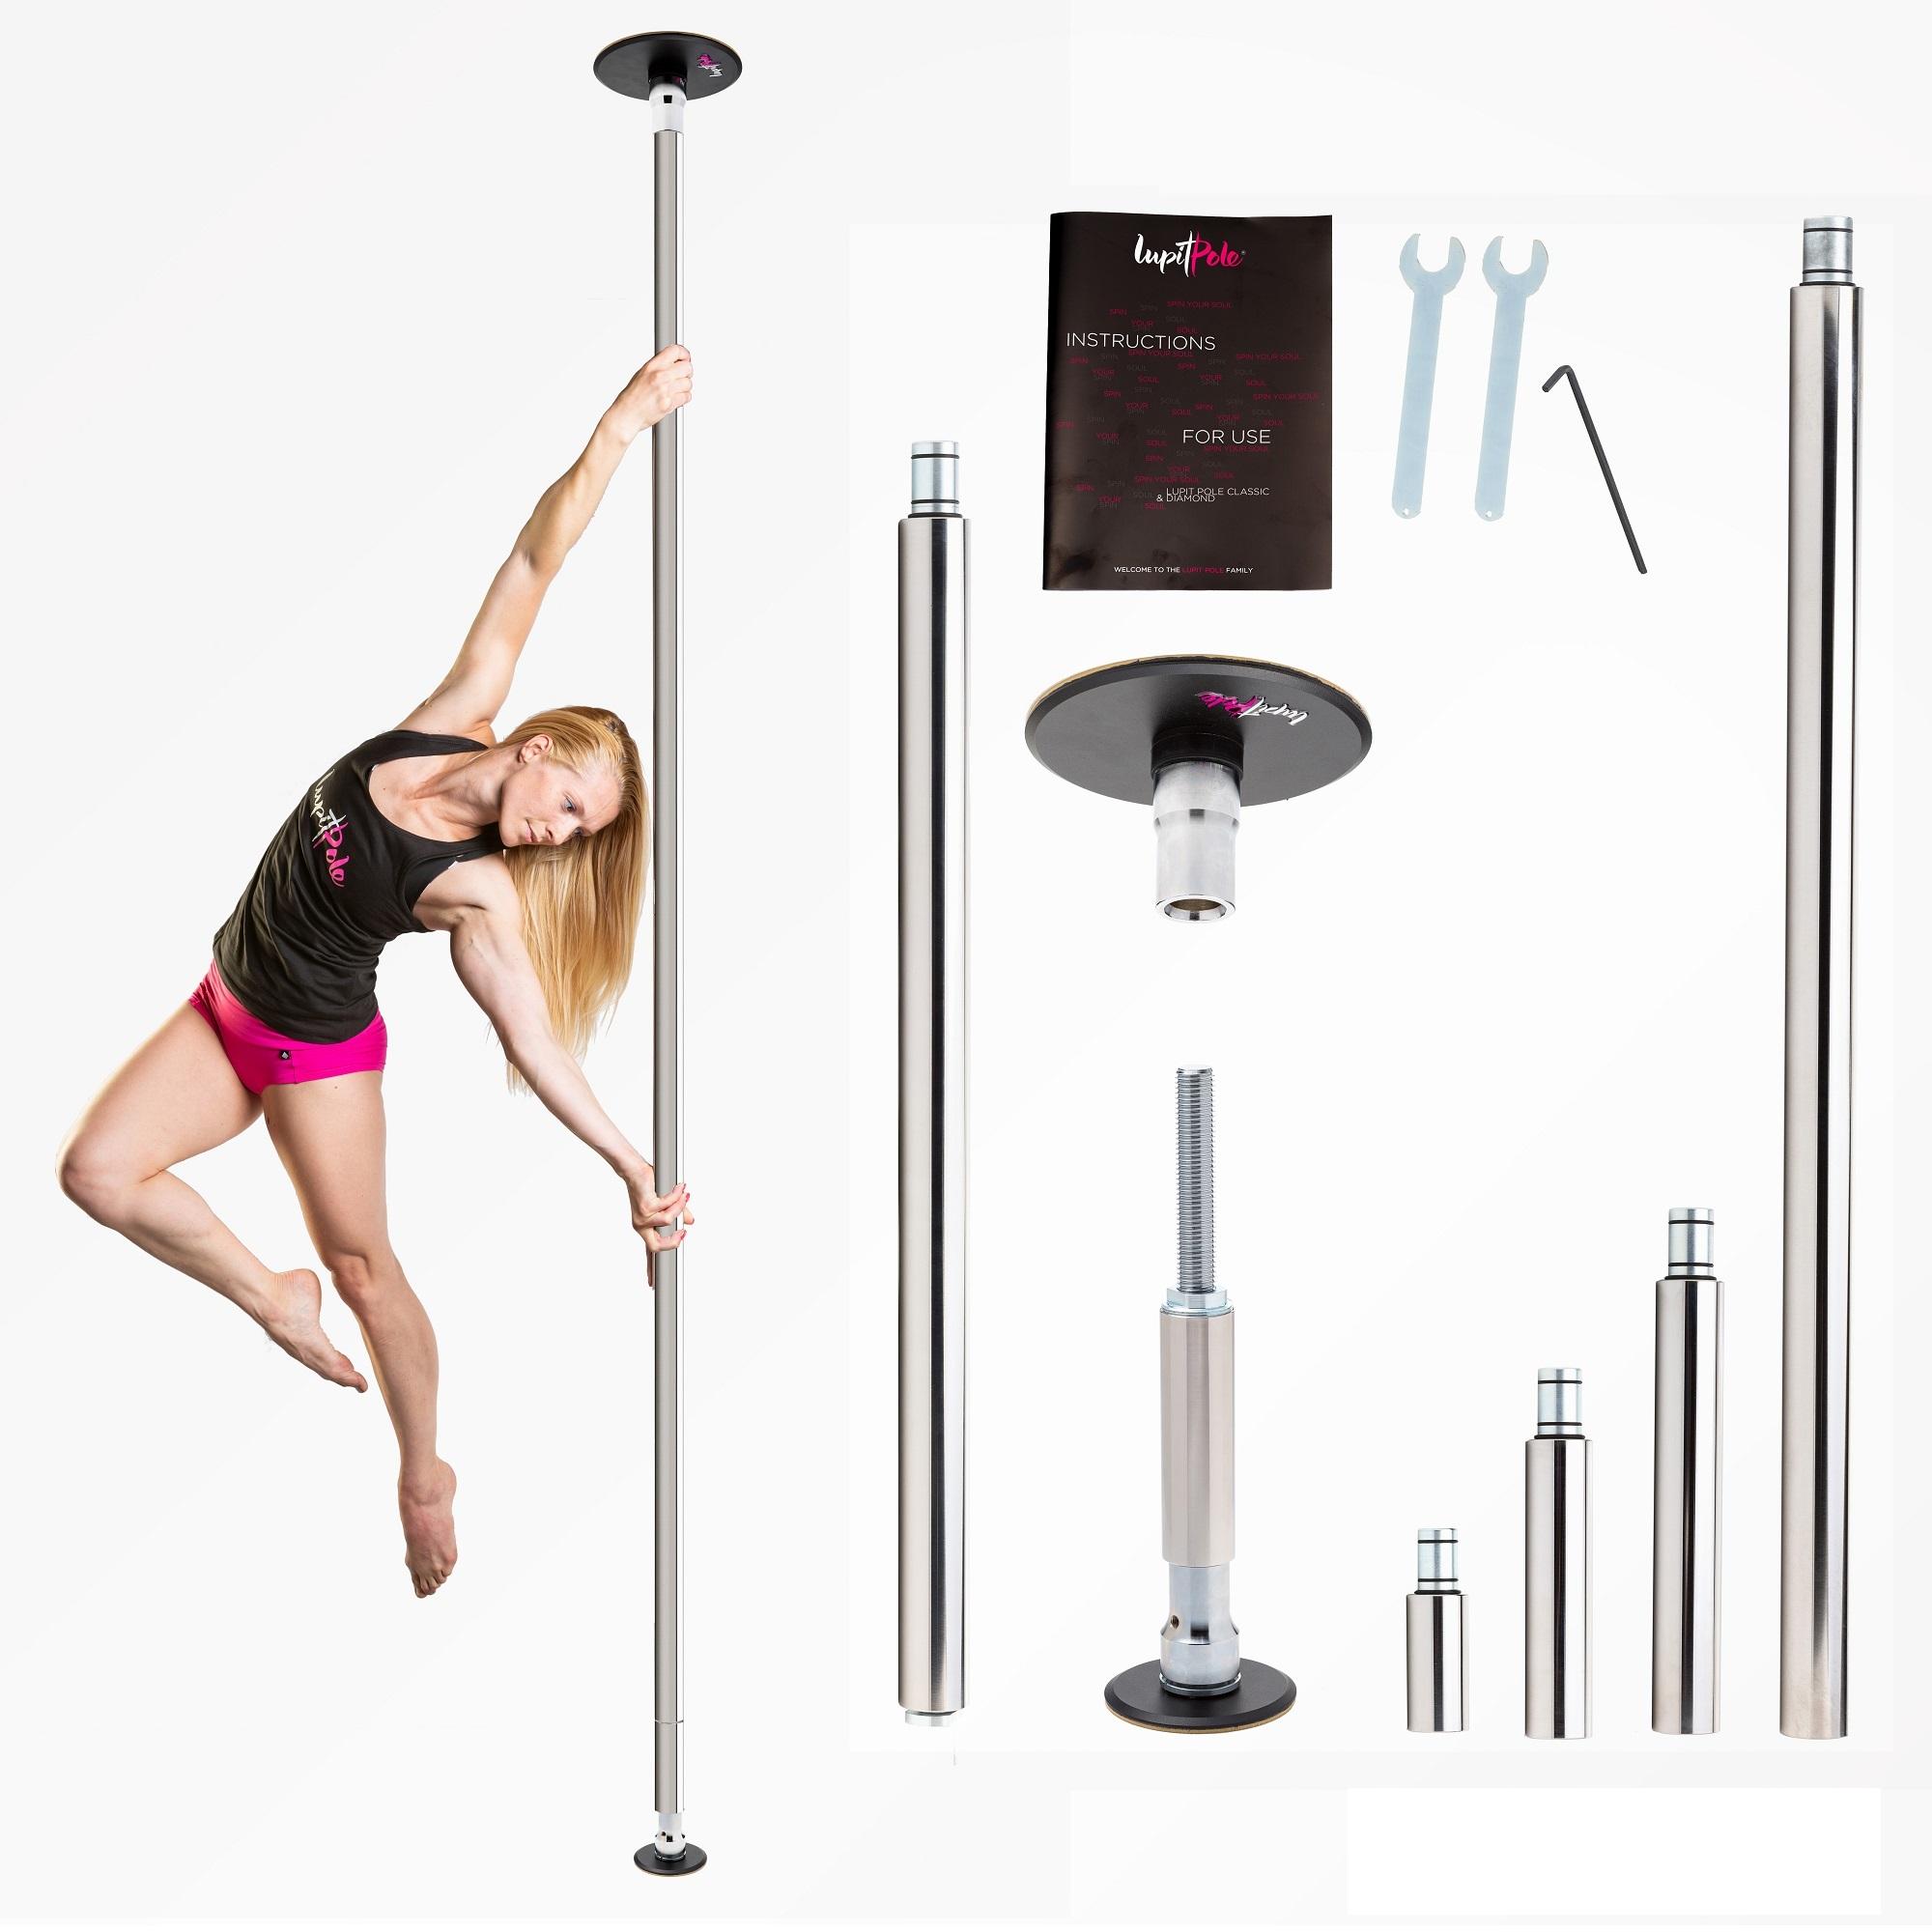 ¿Qué barra de Pole Dance para casa necesito?